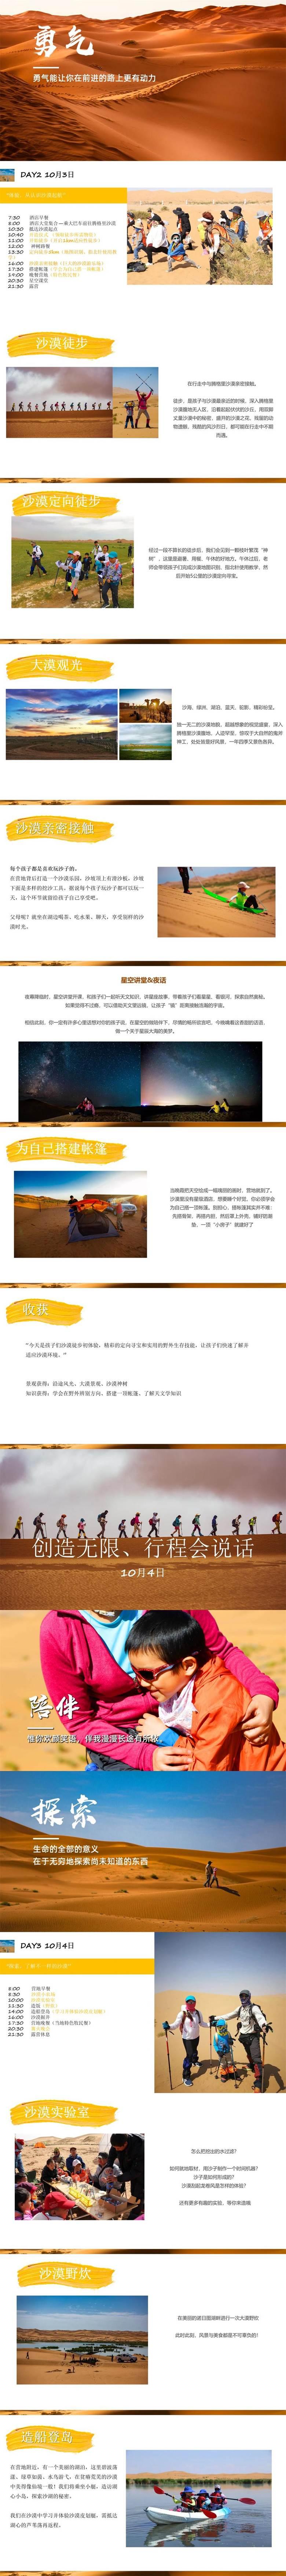 国庆 沙漠造物节_1.jpg